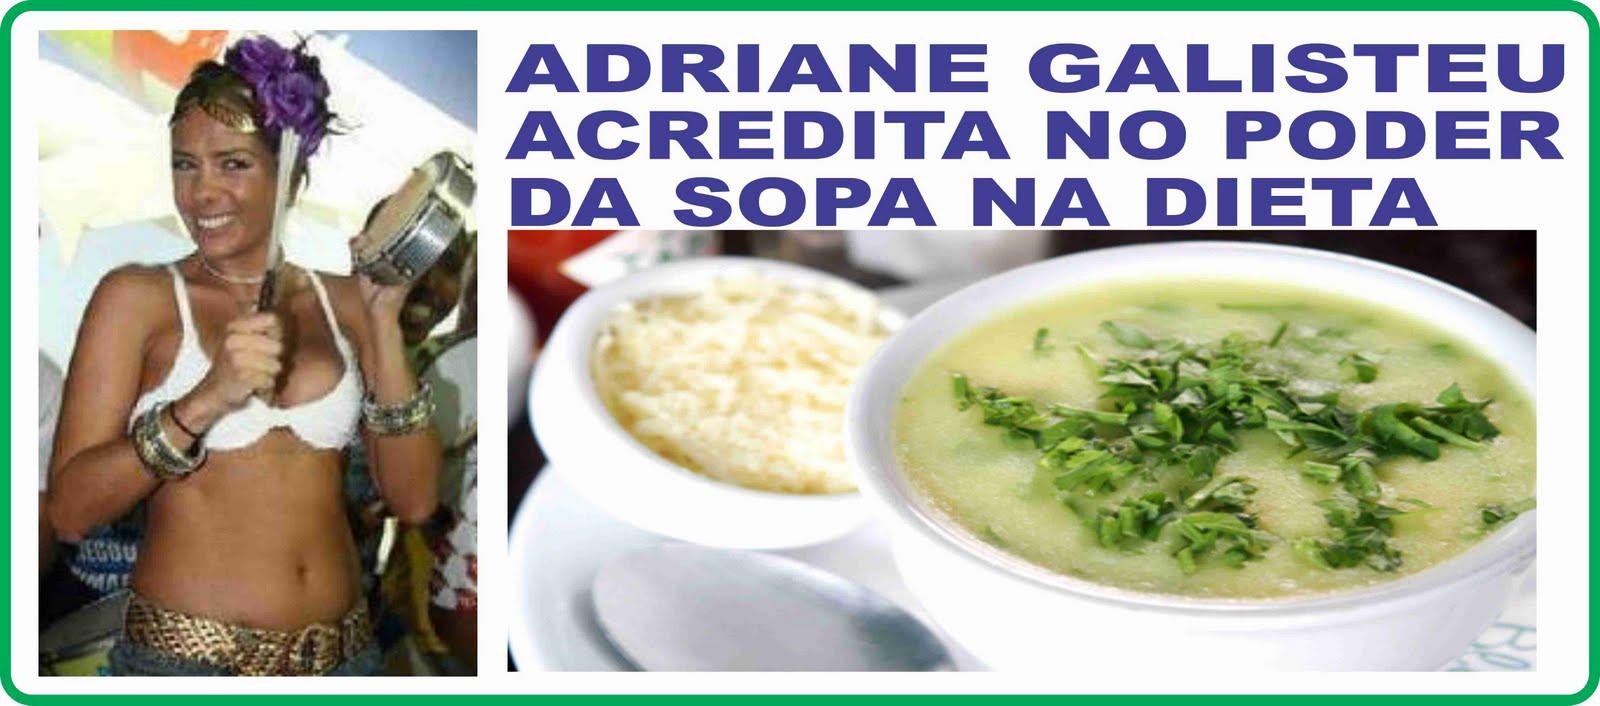 Sopa da Adriane Galisteu